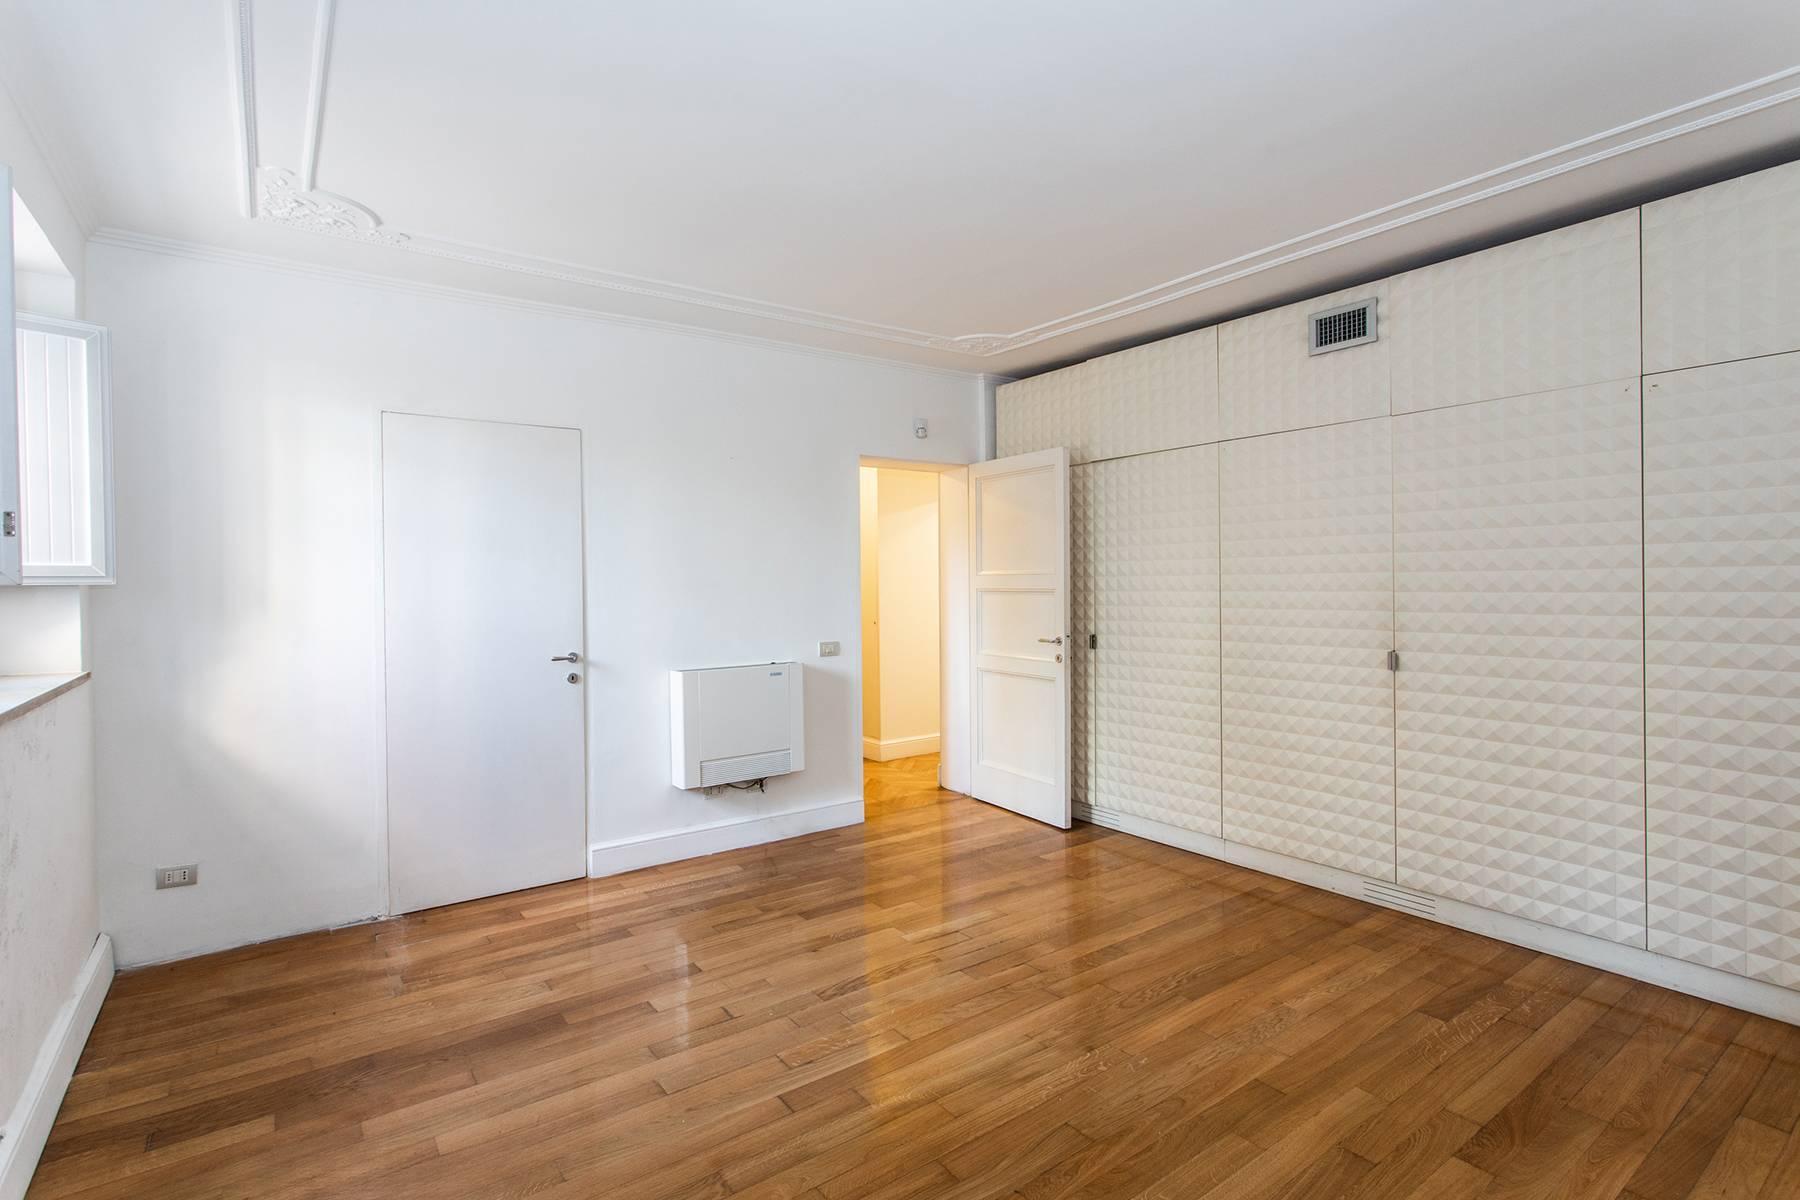 Appartement élégant avec vue sur le jardin - 15